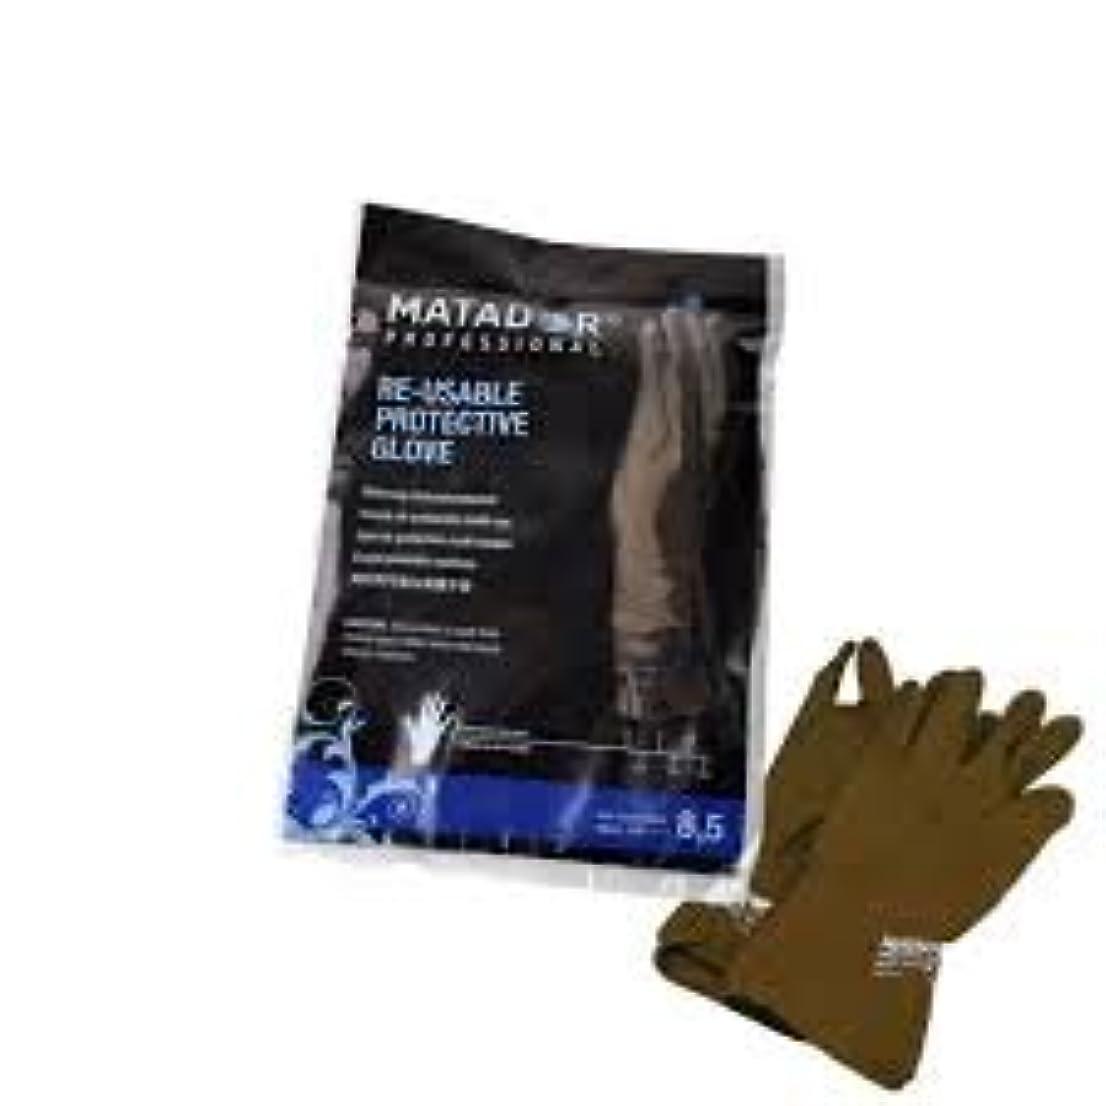 悪意褐色バルーンマタドールゴム手袋 8.5吋 【5個セット】